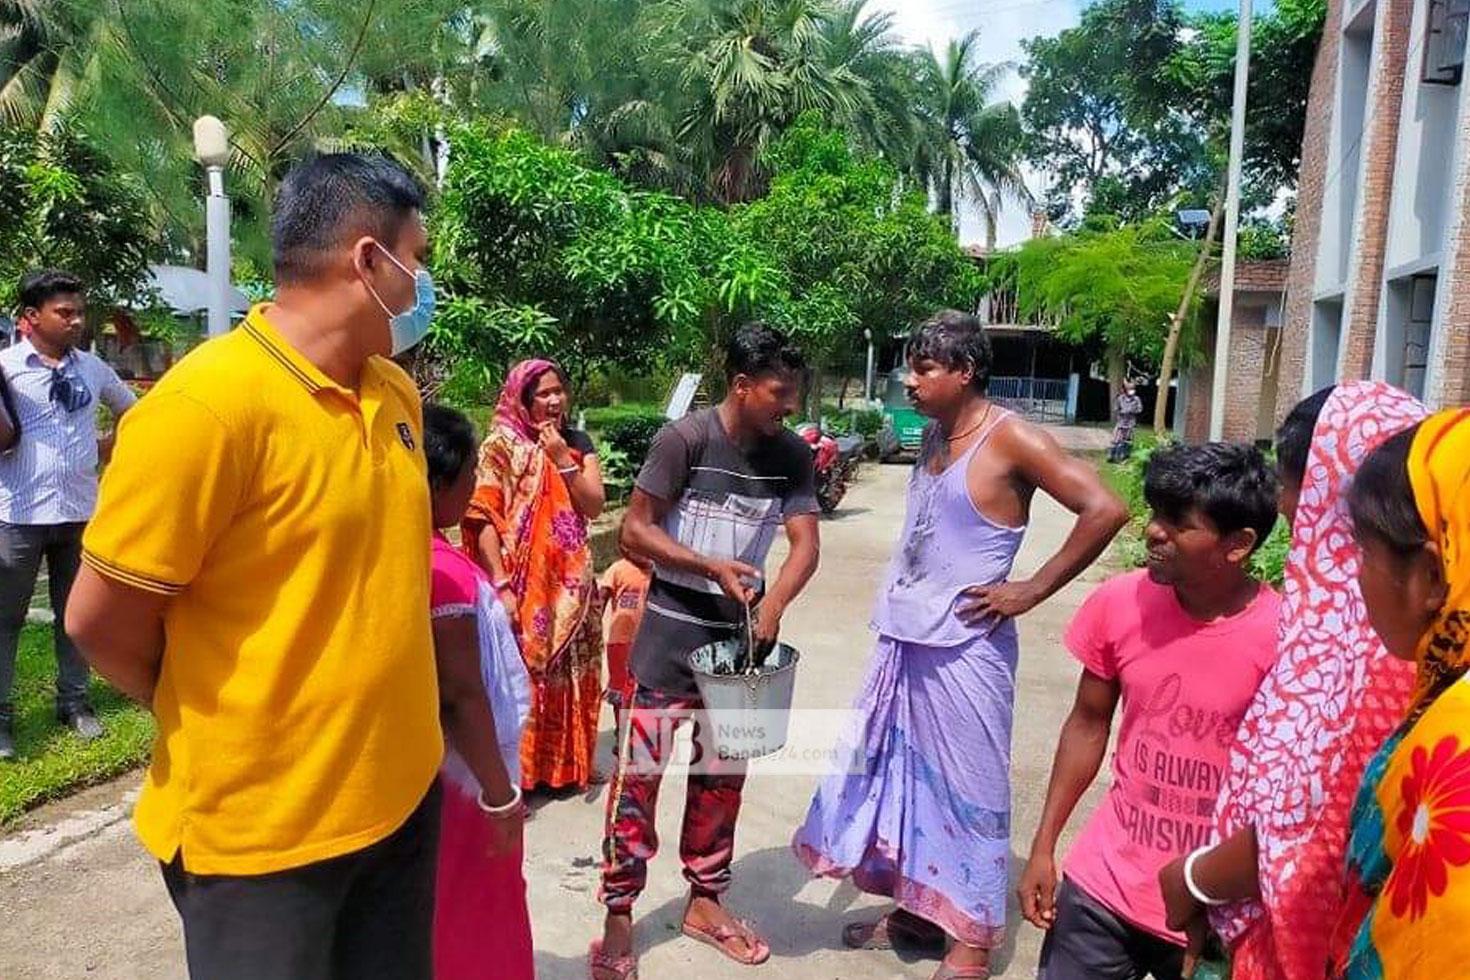 মদসহ সুইপার গ্রেপ্তার: থানায় মল ছিটিয়ে প্রতিবাদ